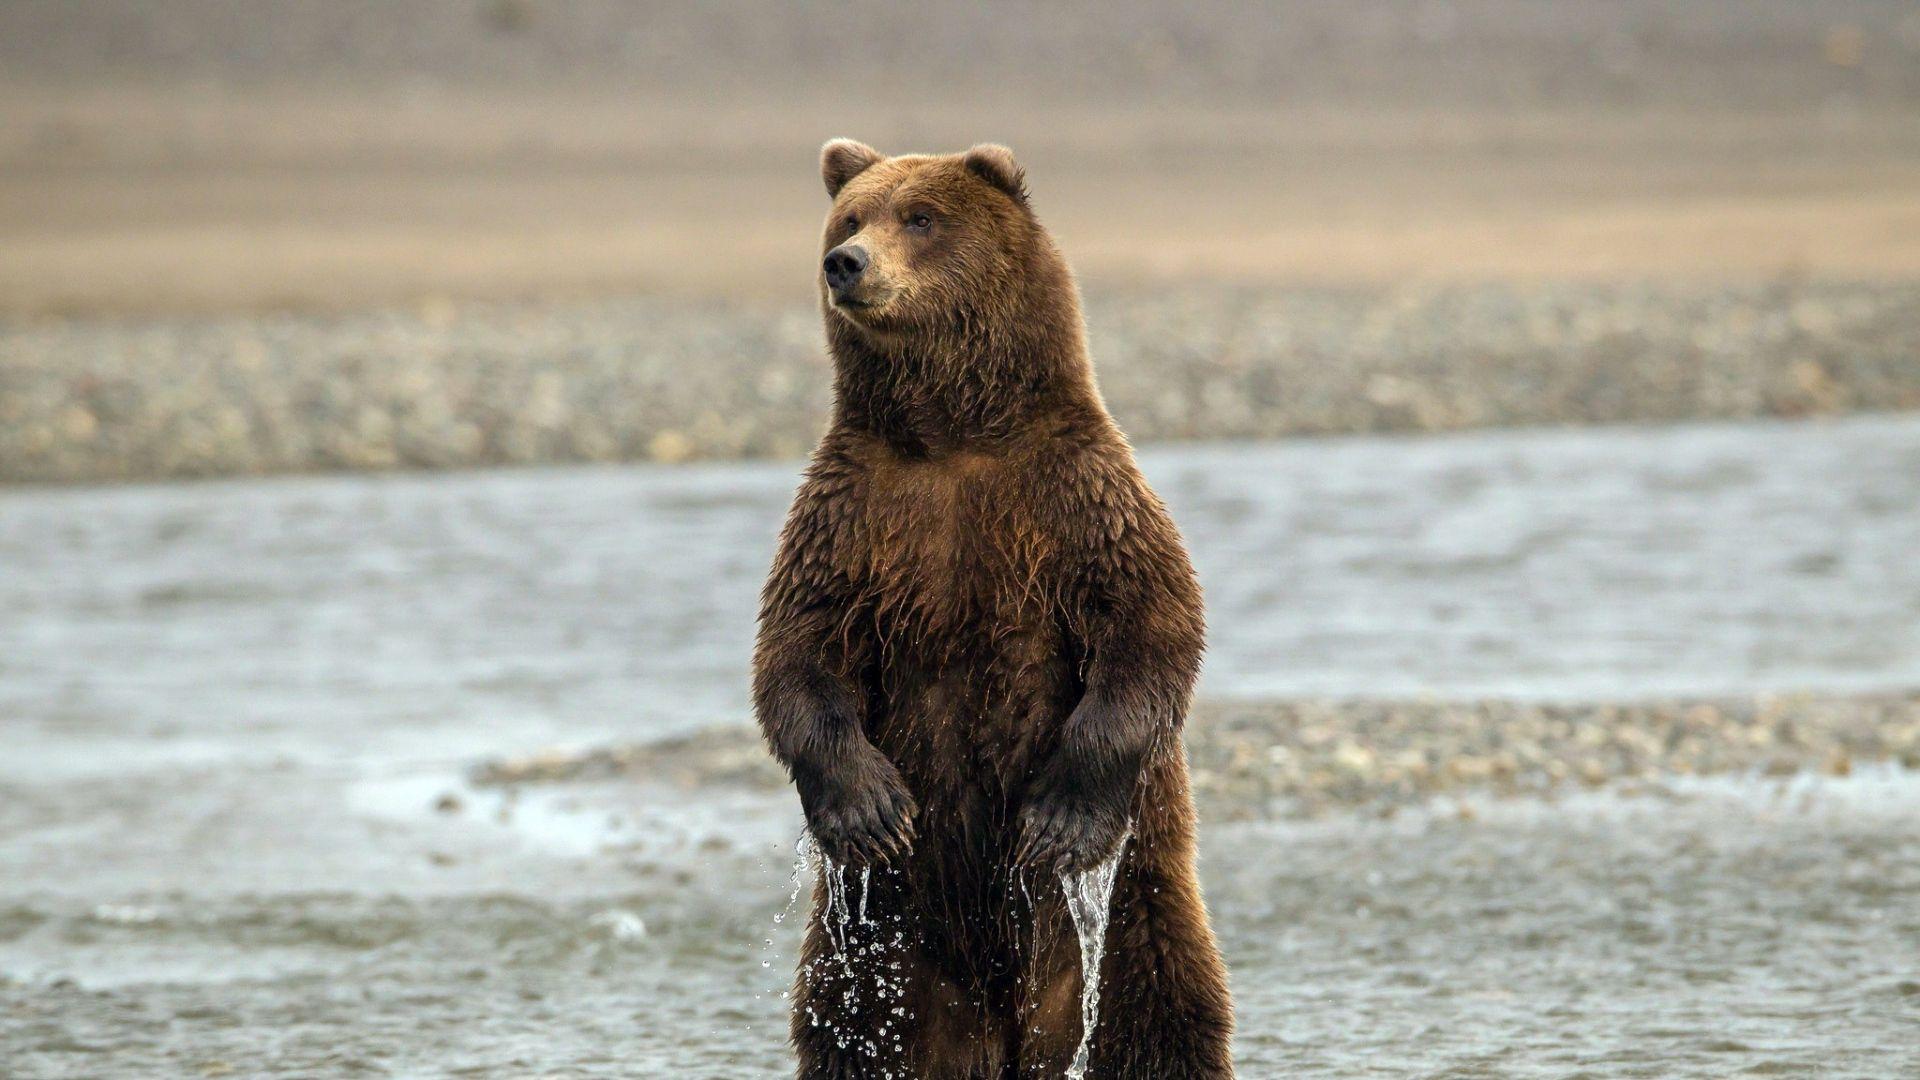 Brown Bear On Hind Legs